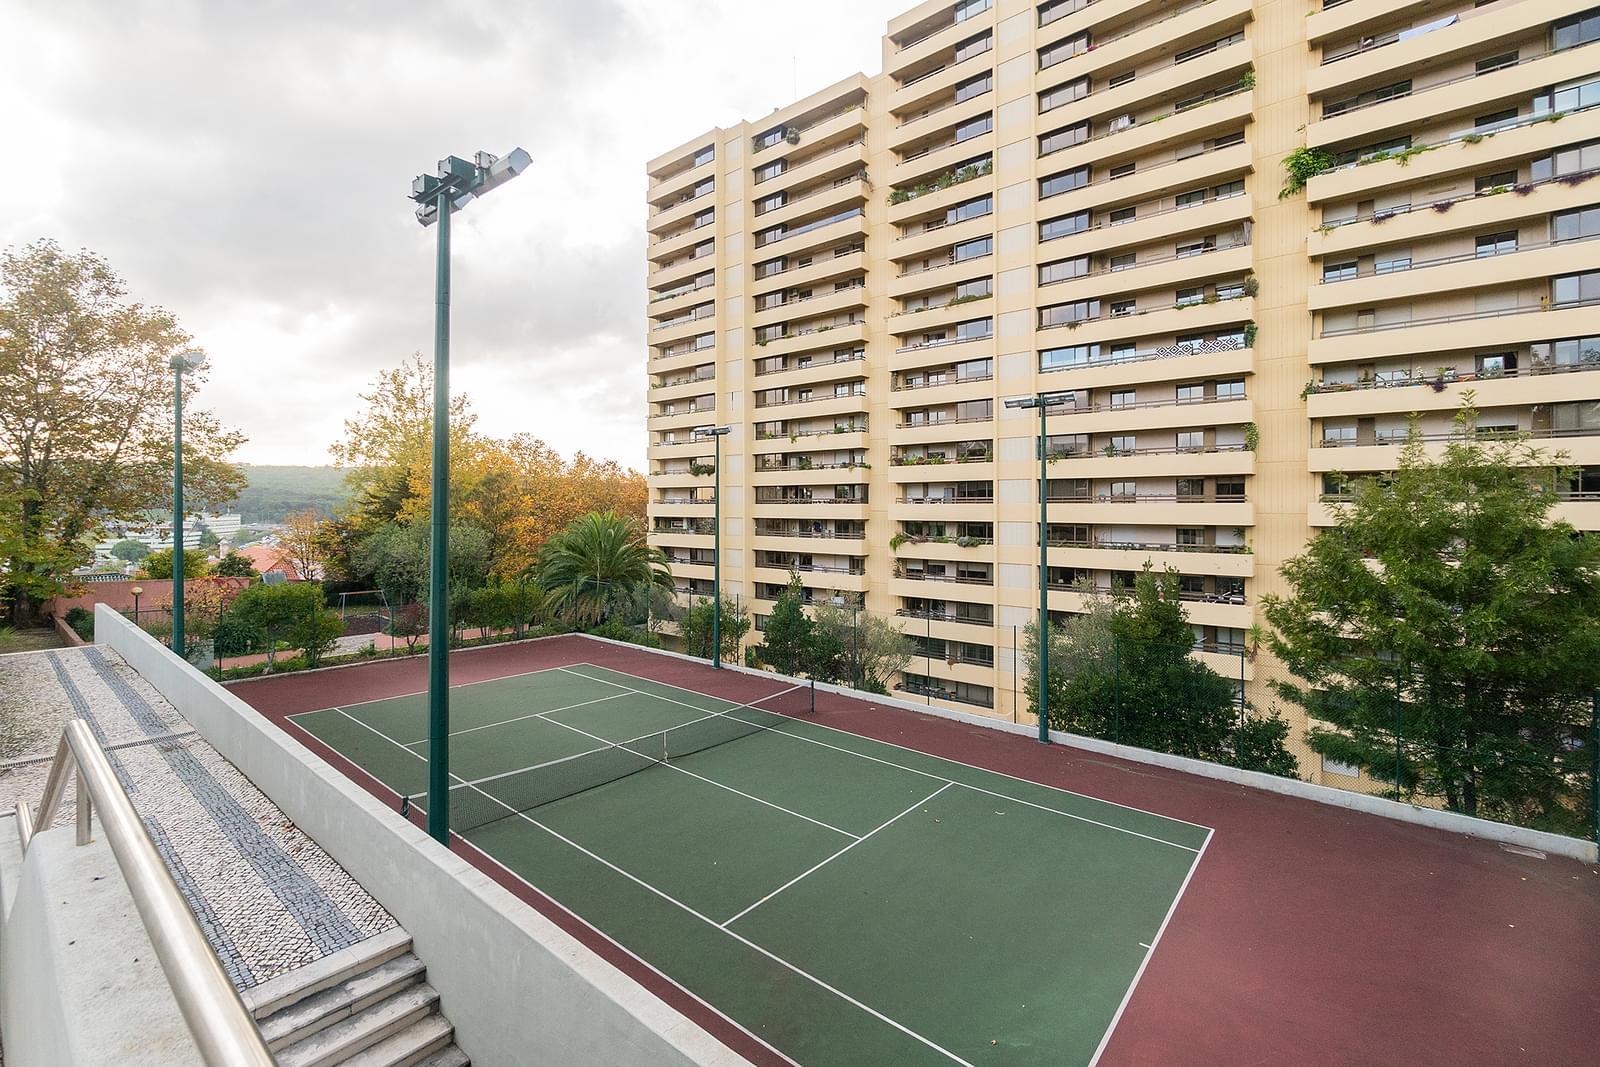 pf18551-apartamento-t3-1-lisboa-07f8422d-051d-4947-88e3-1157dfc1e696